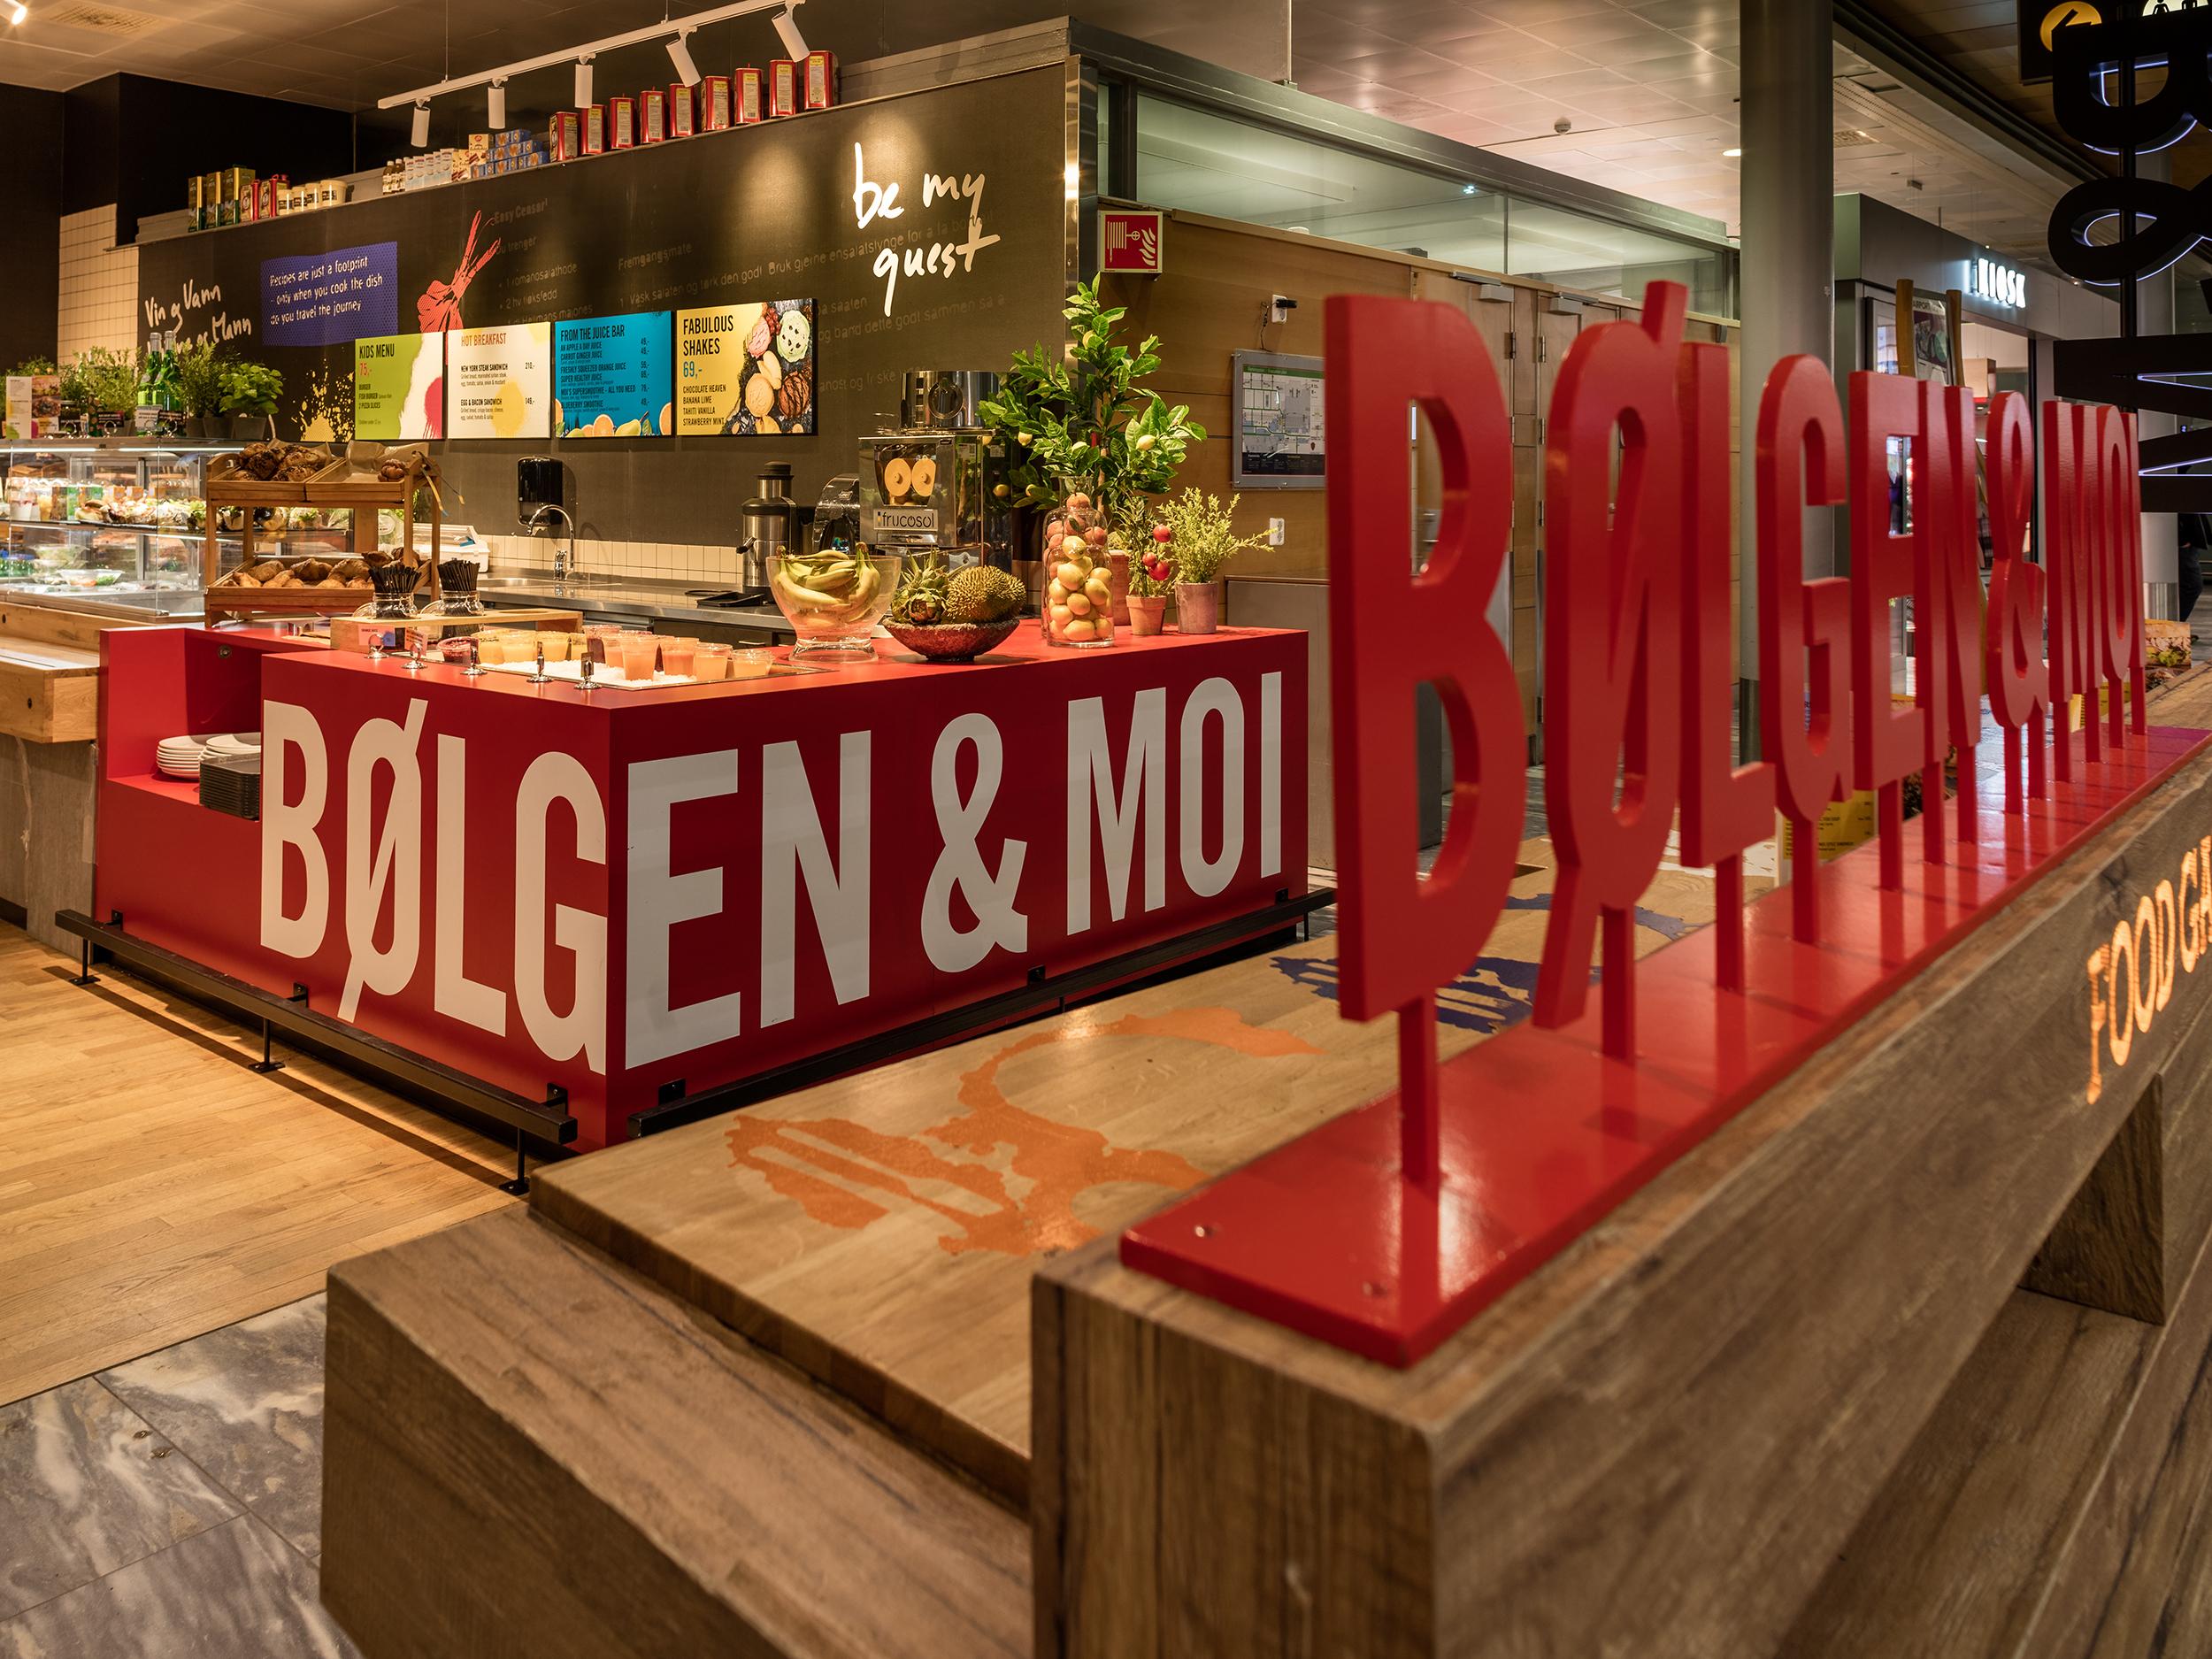 BØLGEN&MOI OSL-1S4A0684-HDR.jpg